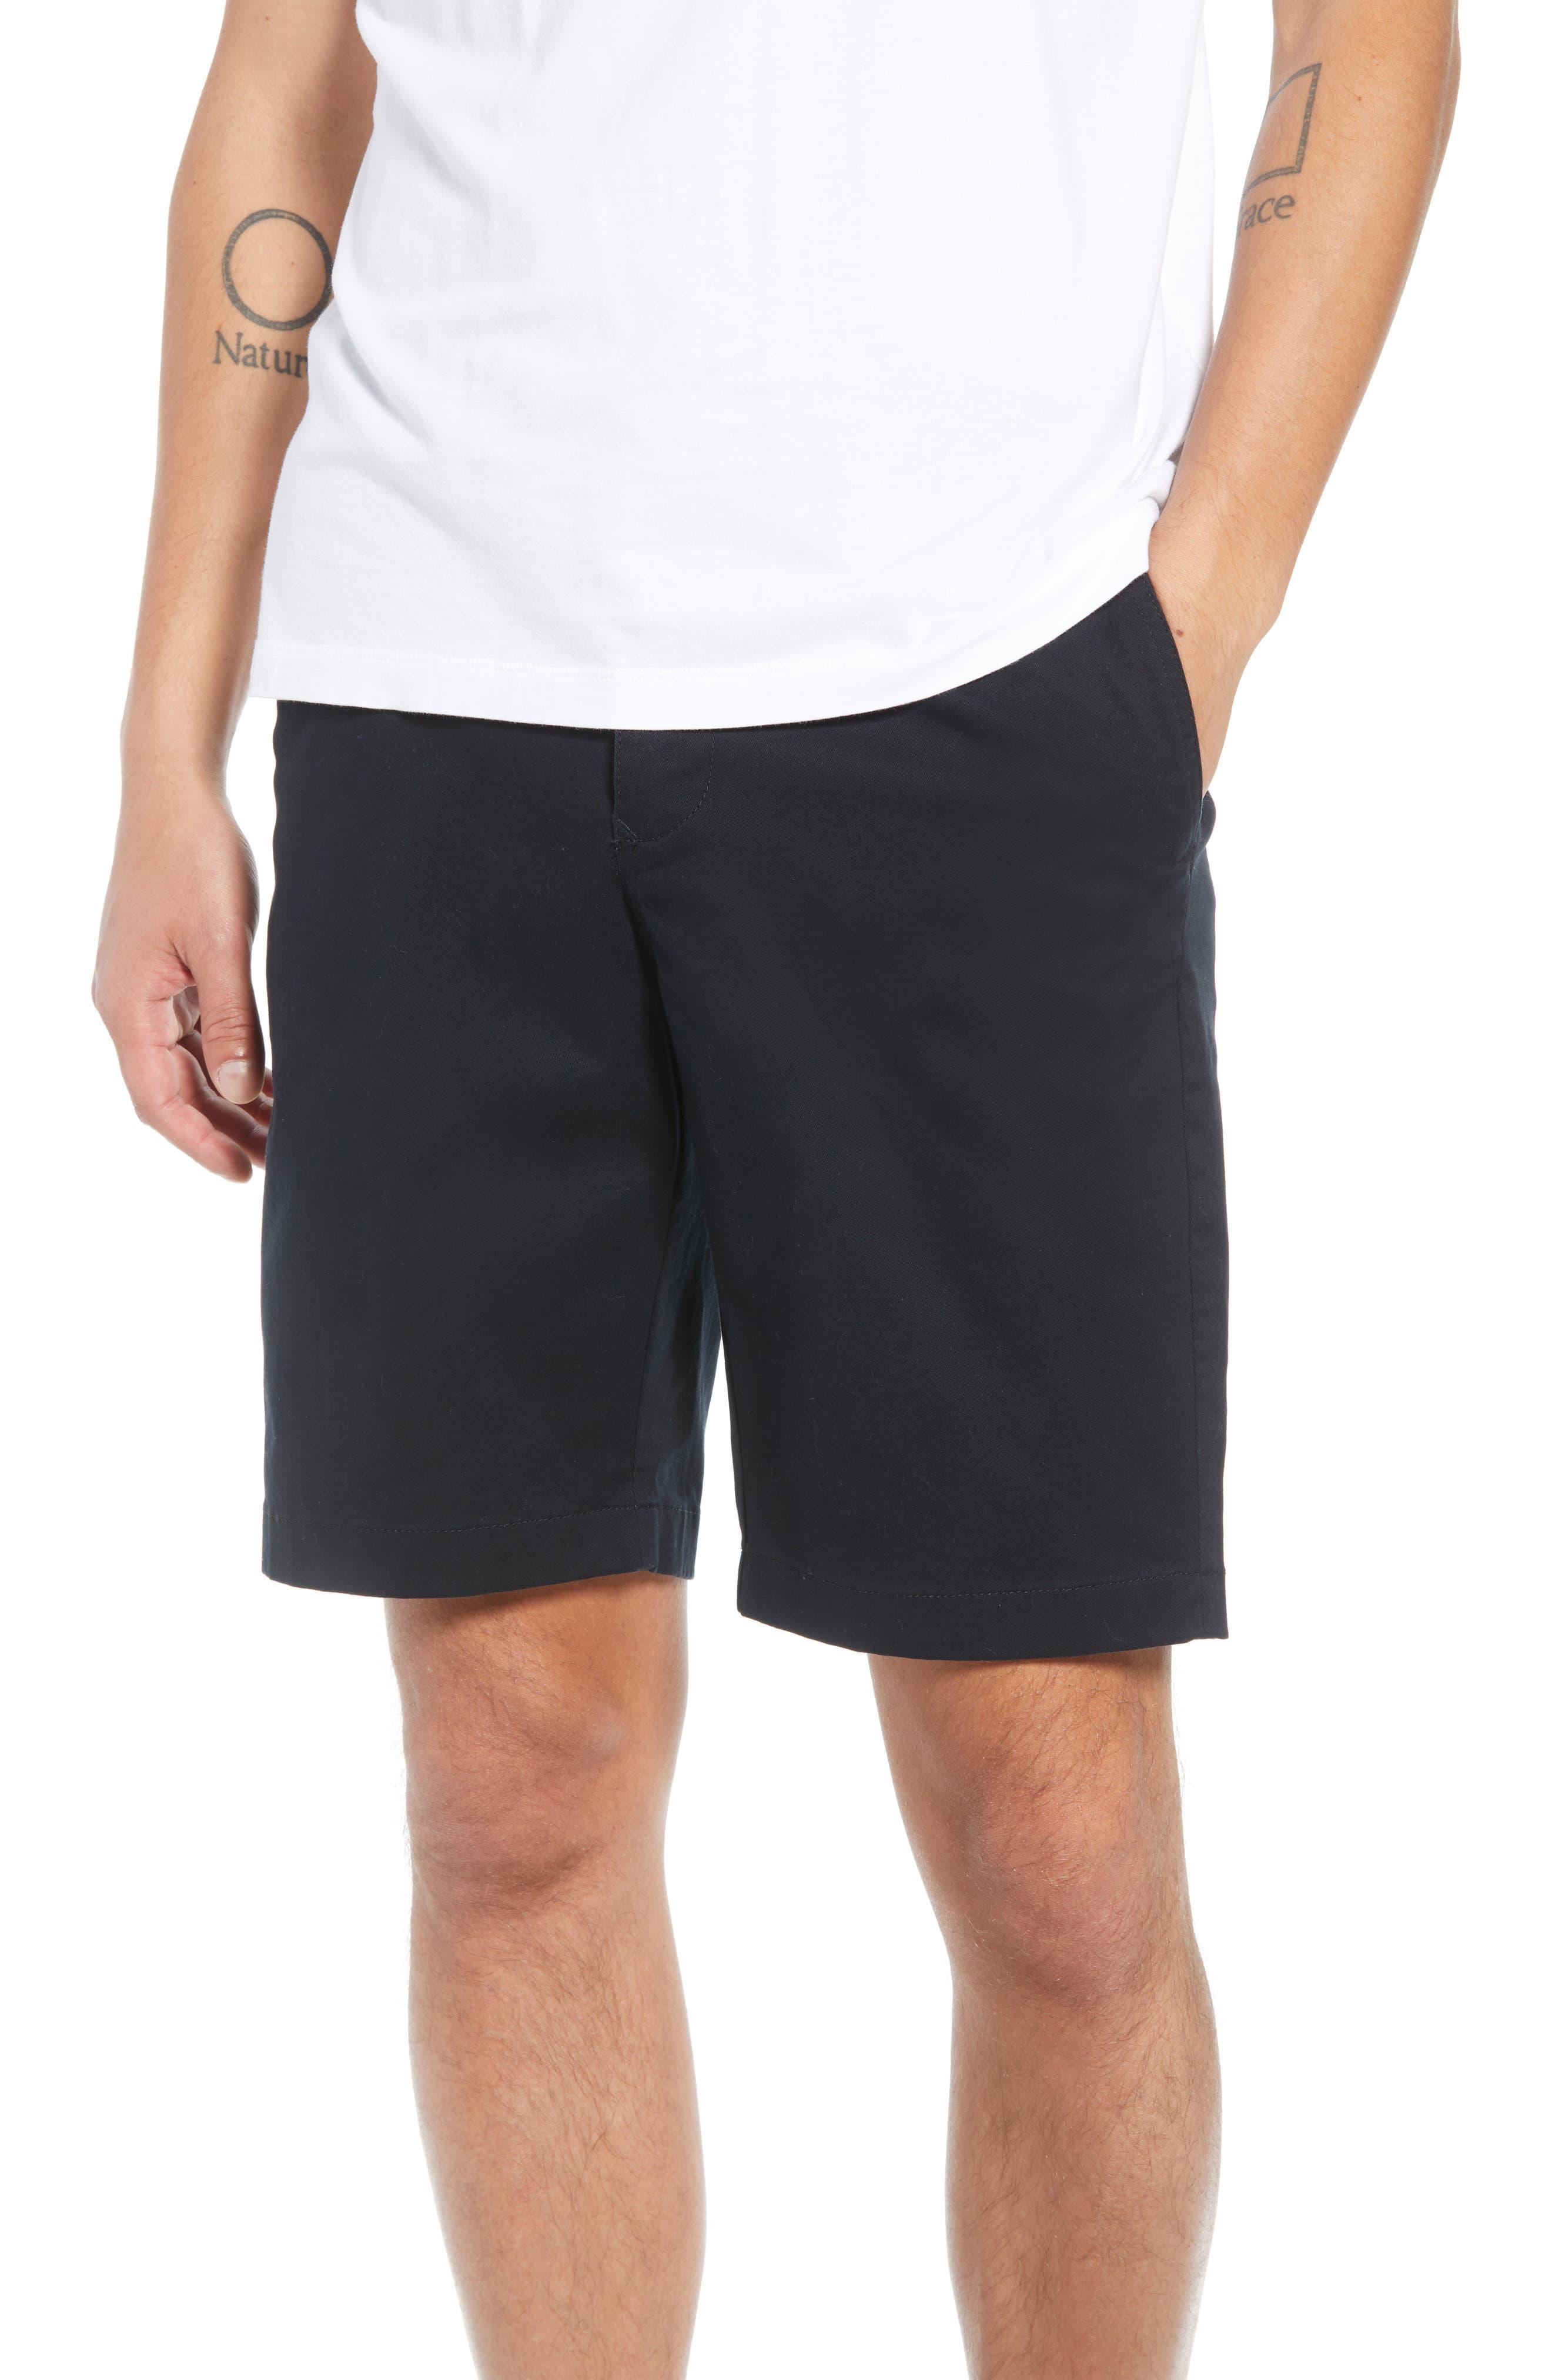 Flat Front Shorts,                             Main thumbnail 1, color,                             001